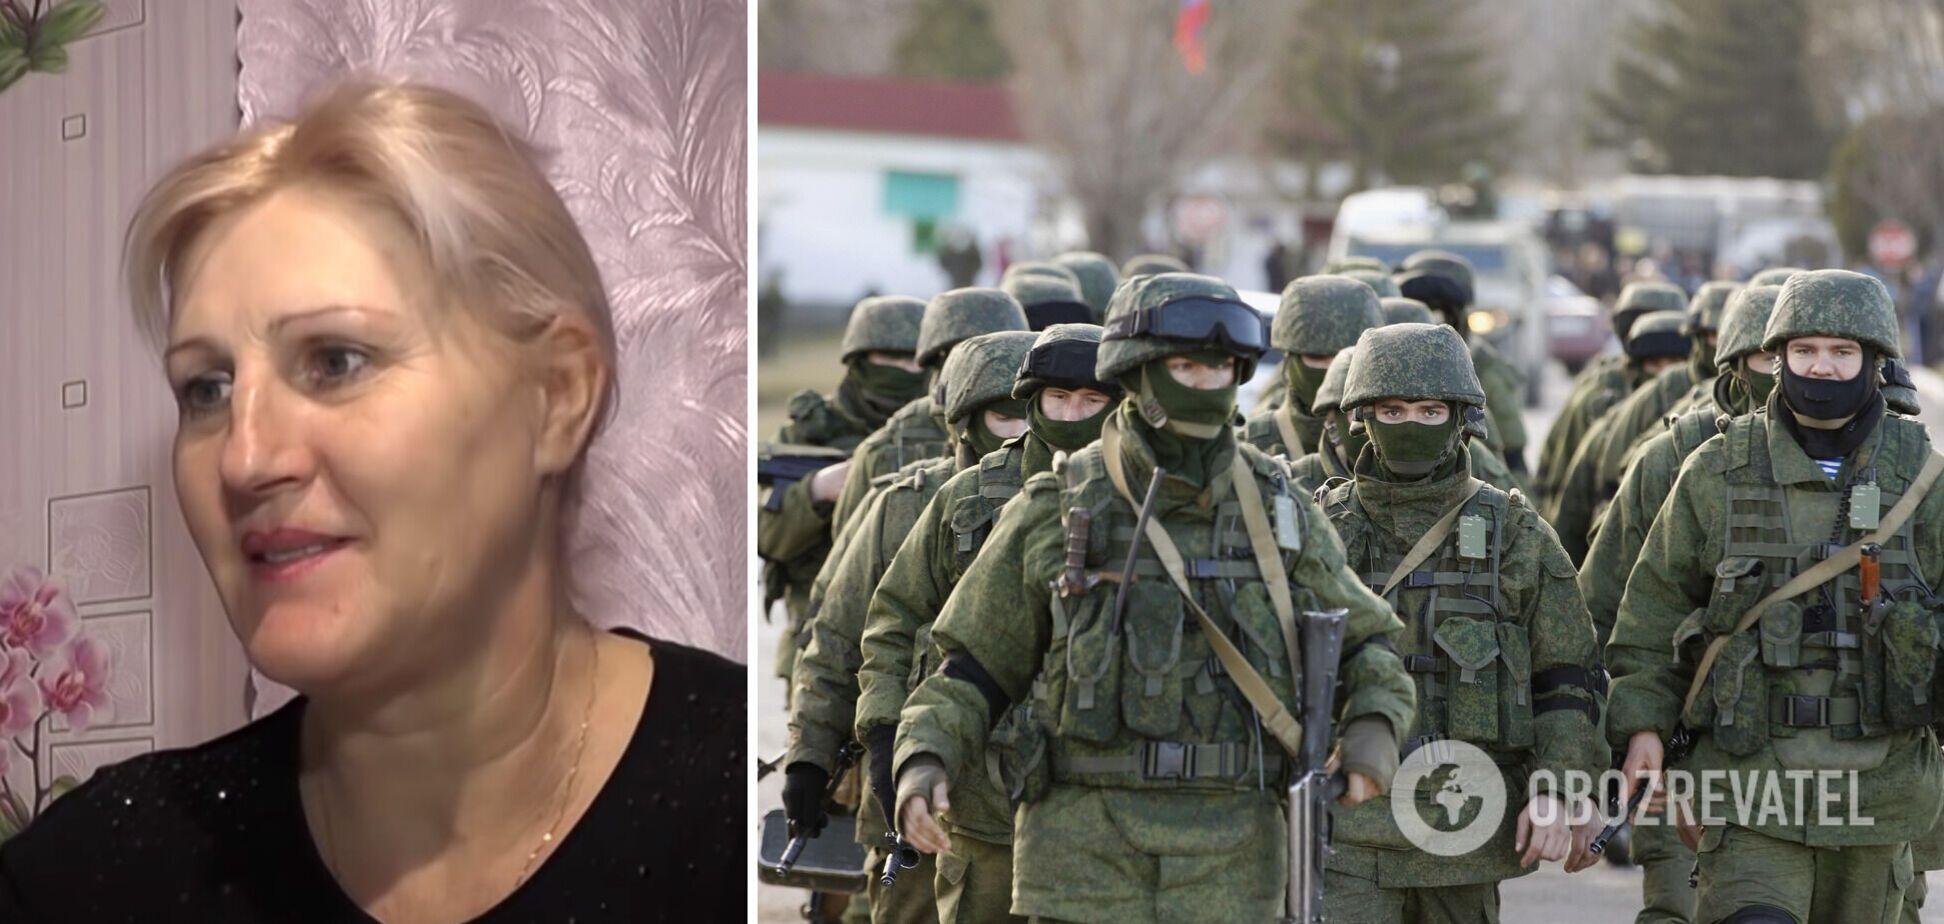 Экс-военная ВМС Украины Татьяна Шевчук